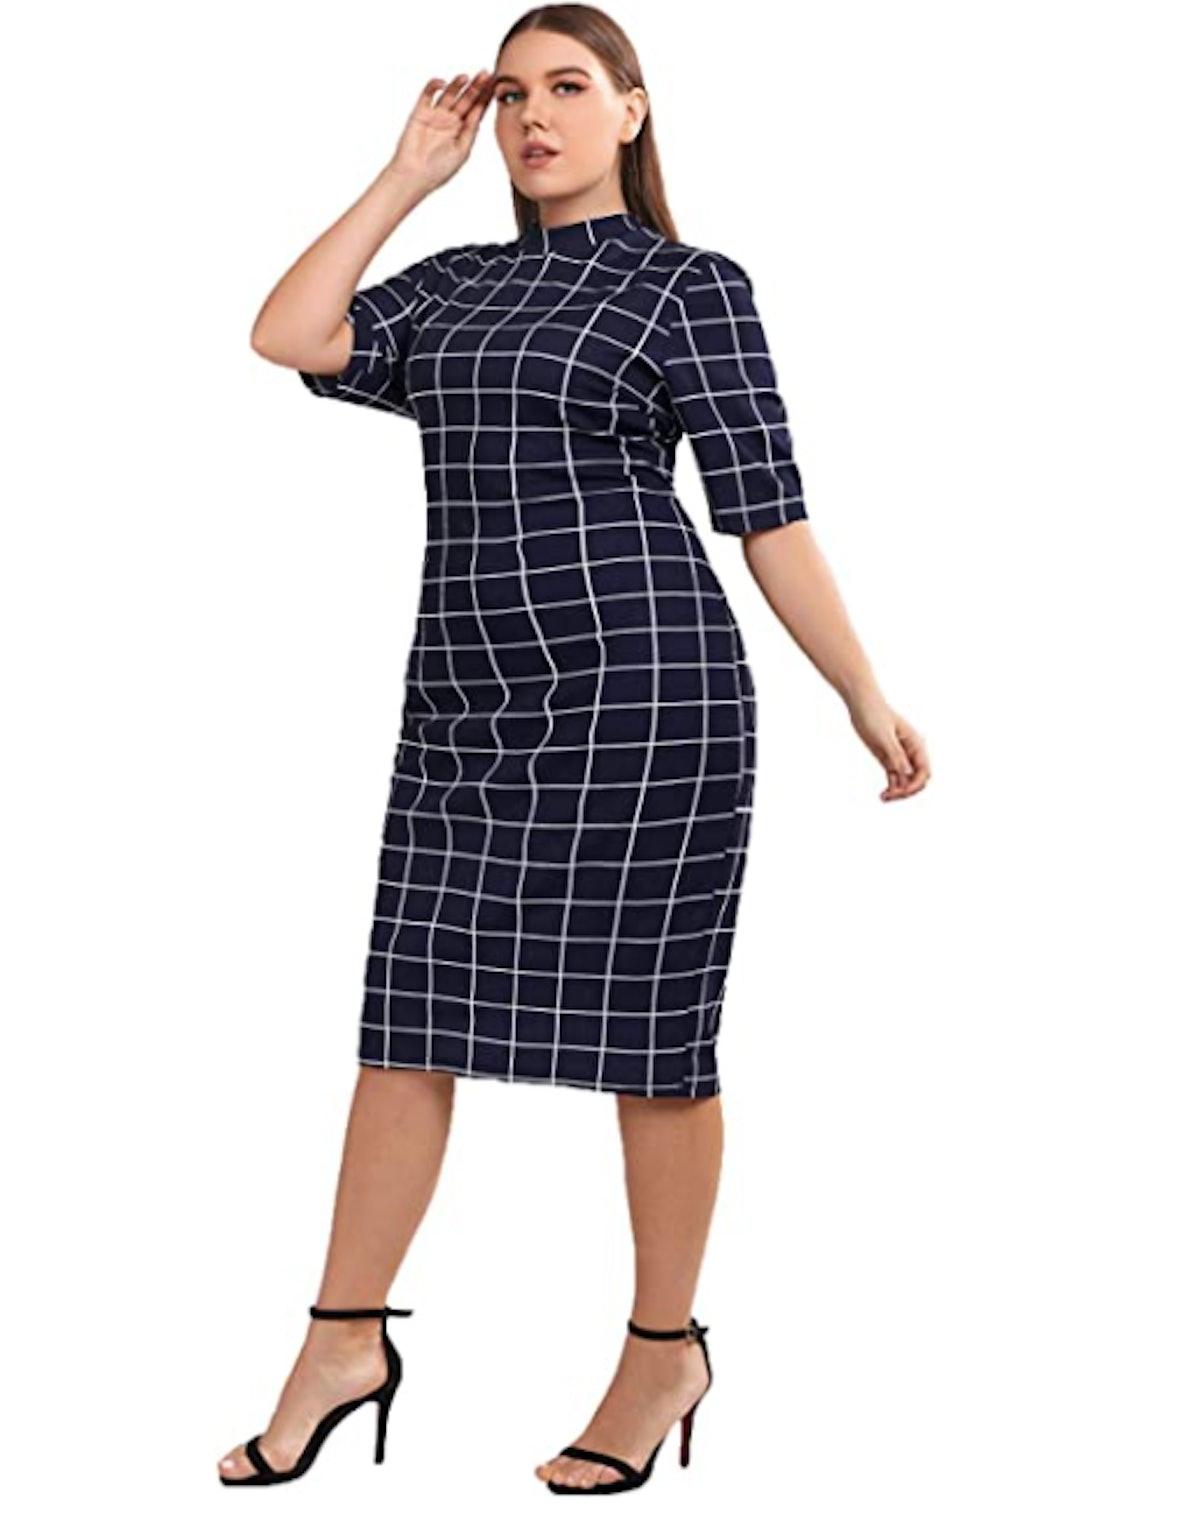 Floerns Plus-Size Short Sleeve Plaid Pencil Dress